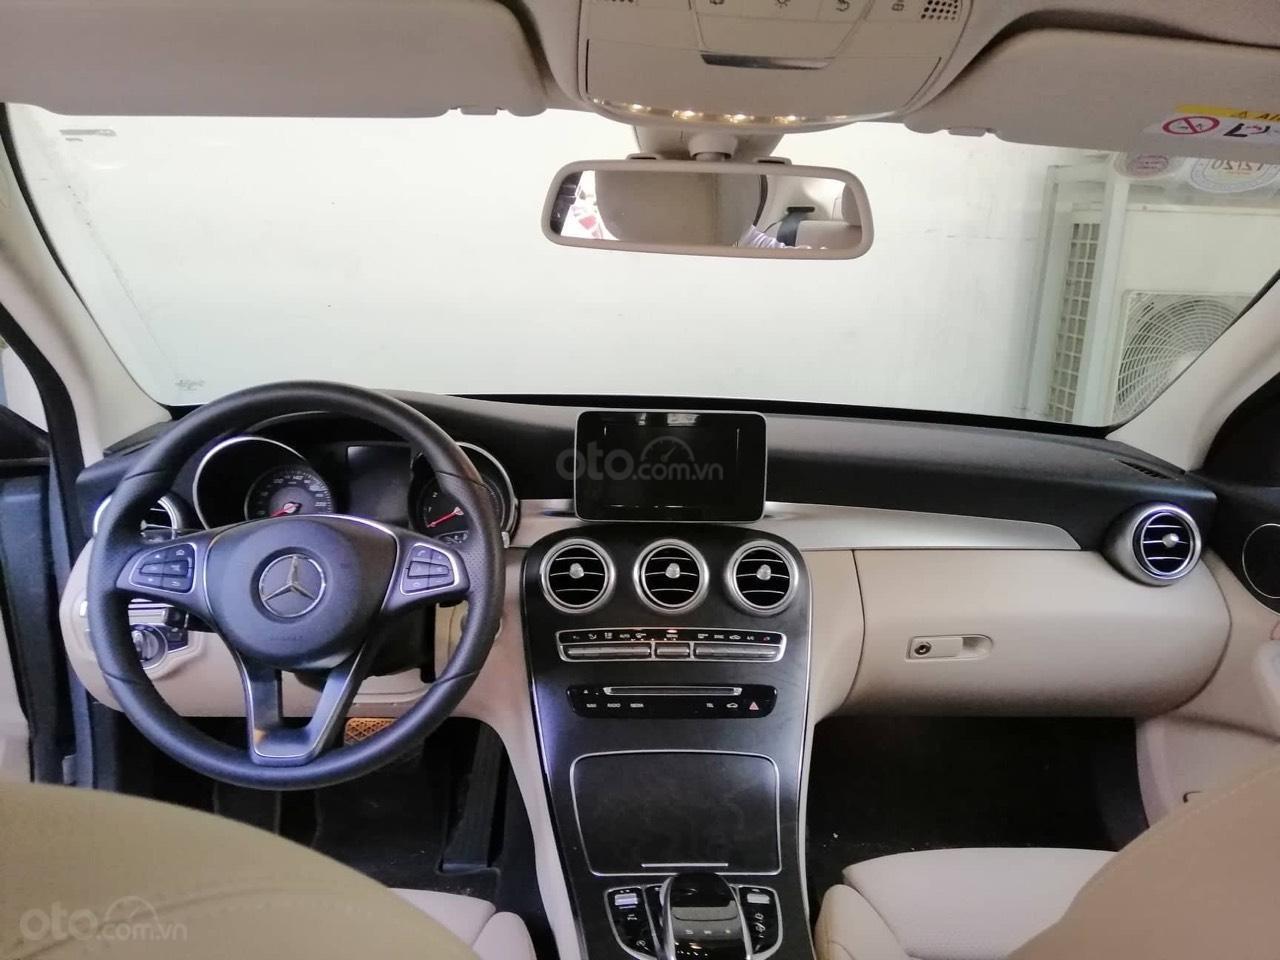 Mercedes C200 màu bạc/kem model 2018, đăng ký 2018. Xe chính hãng siêu lướt 2.900km-4